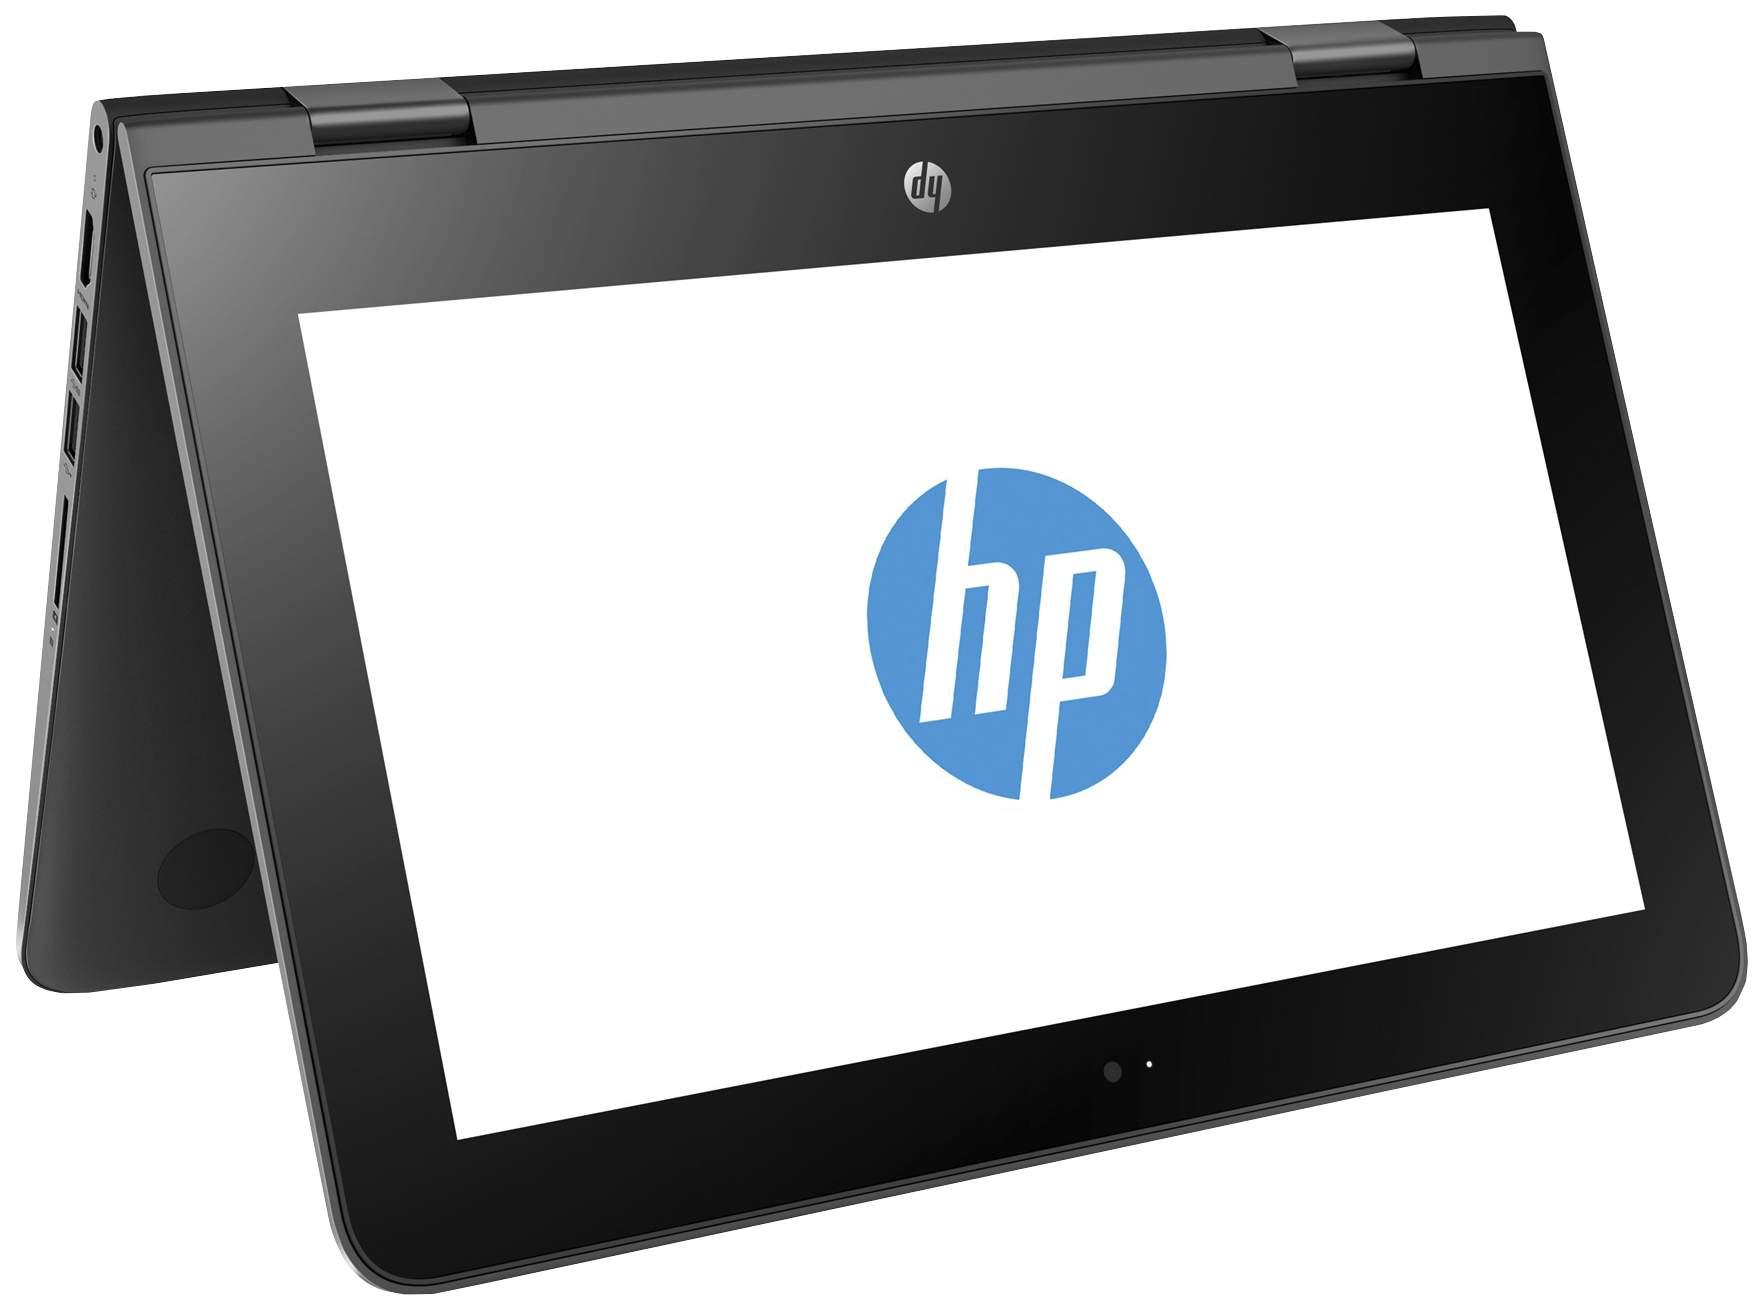 Модель ноутбука HP 11-ab100 x360